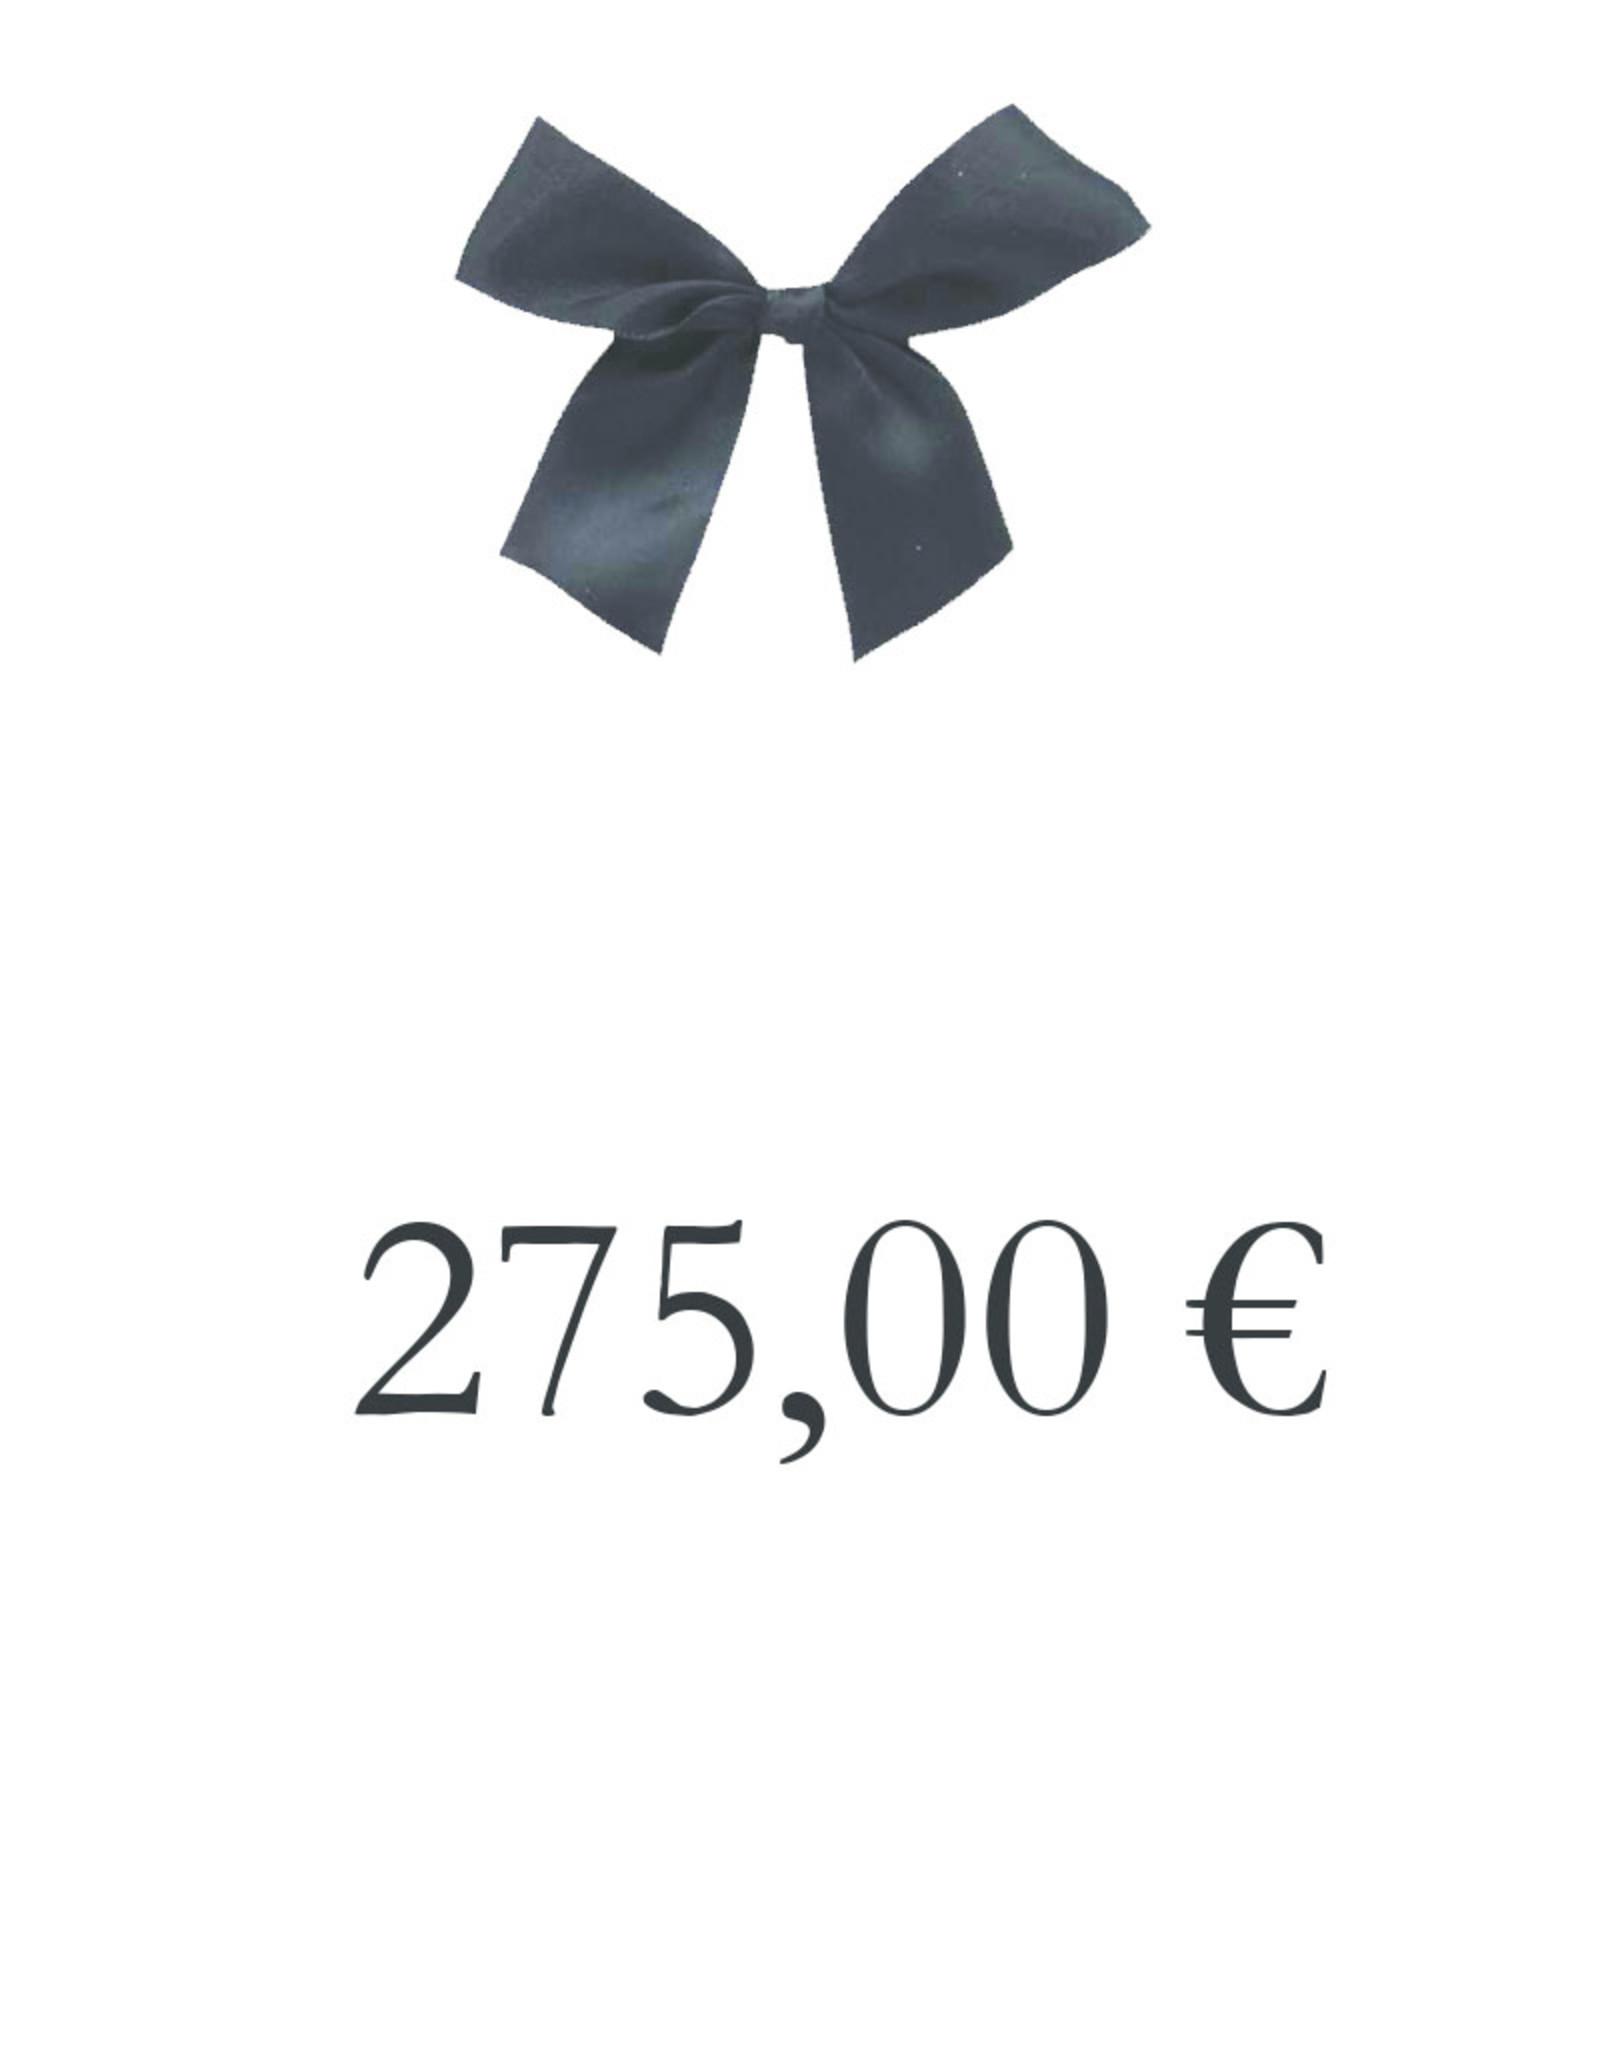 CADEAUBON 275 €